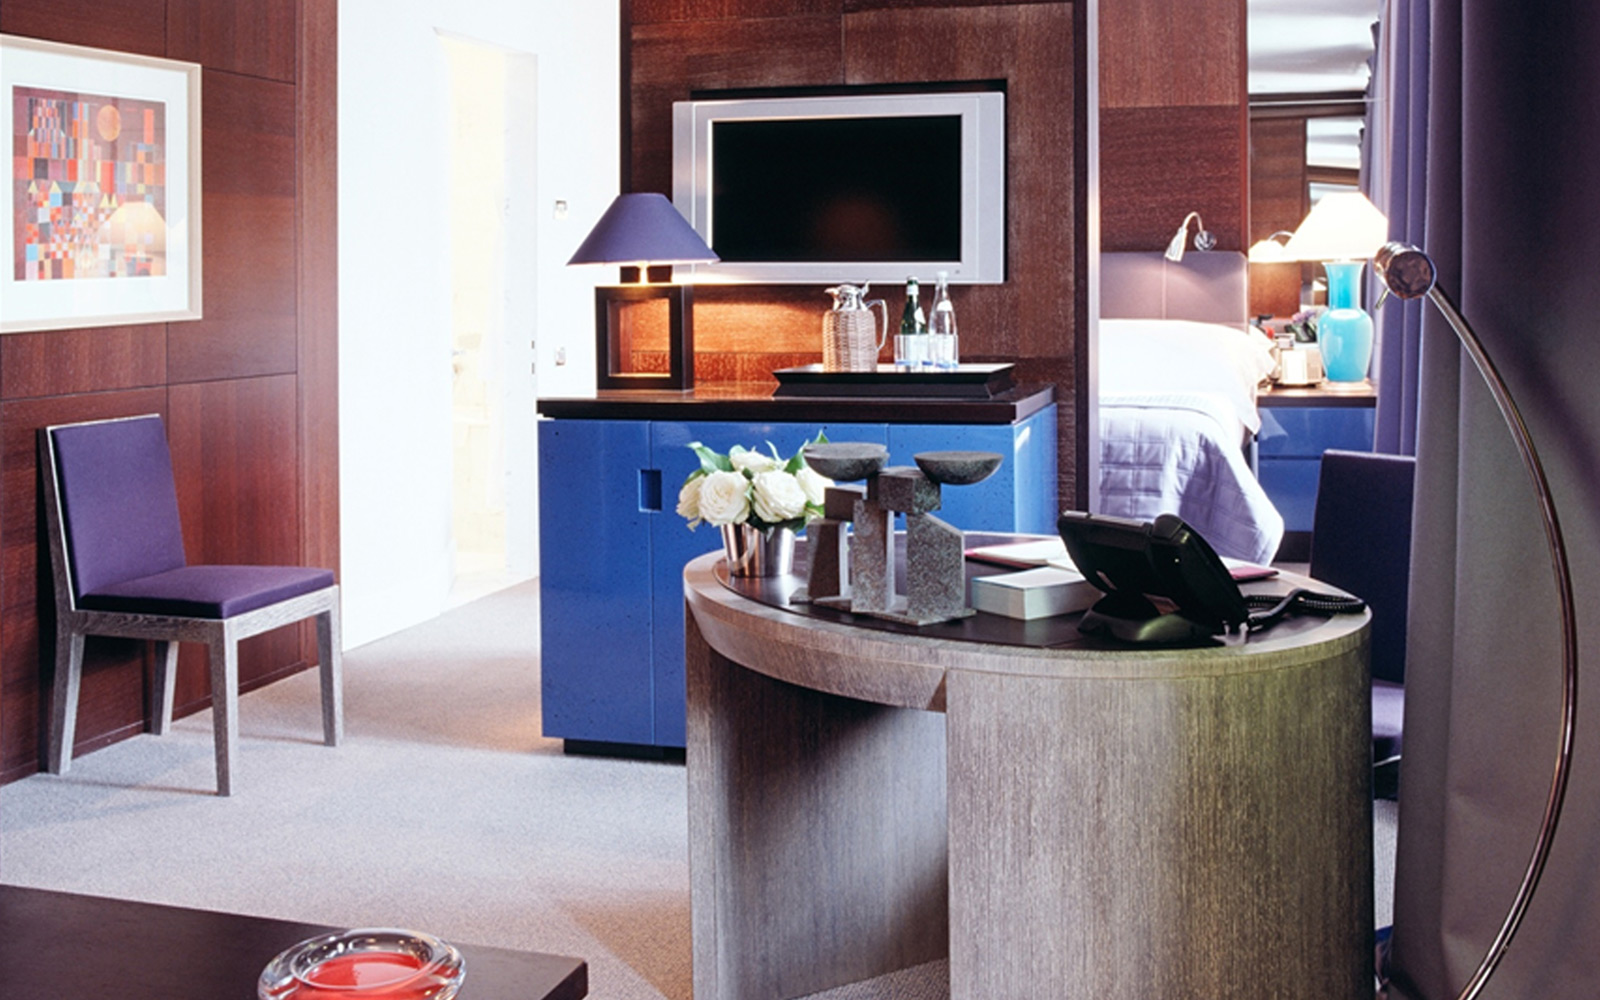 hotel design, suite casegoods